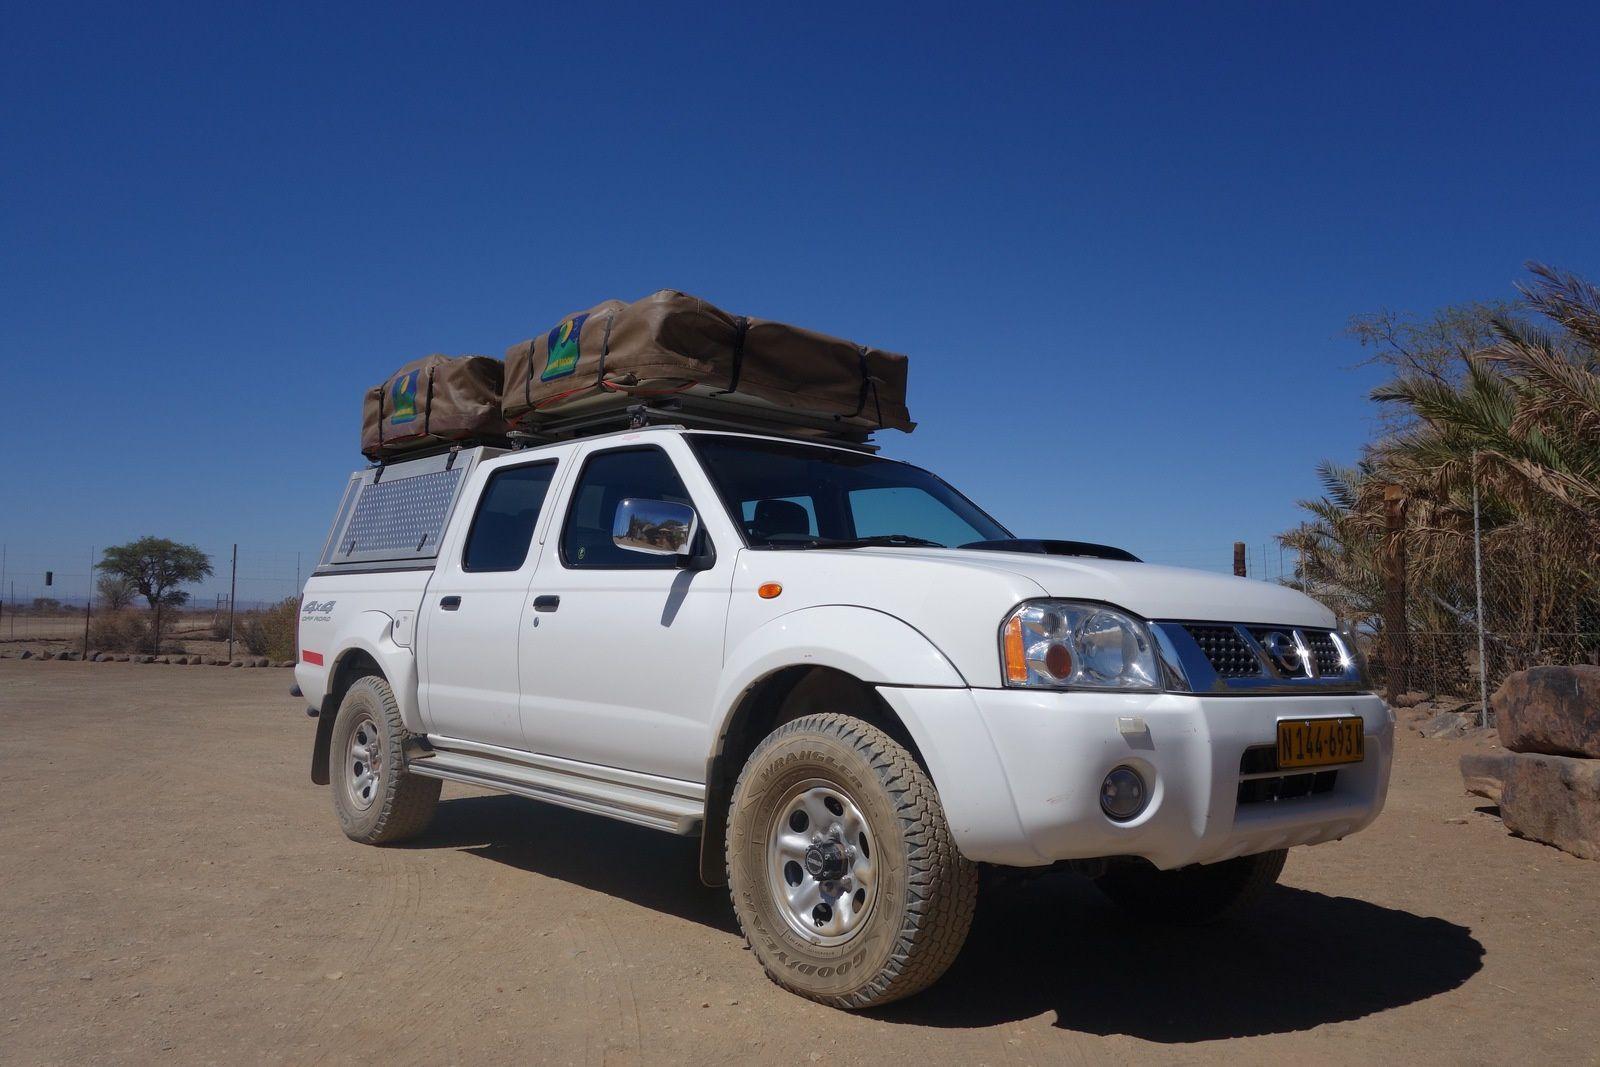 NAMIBIE 2 La voiture